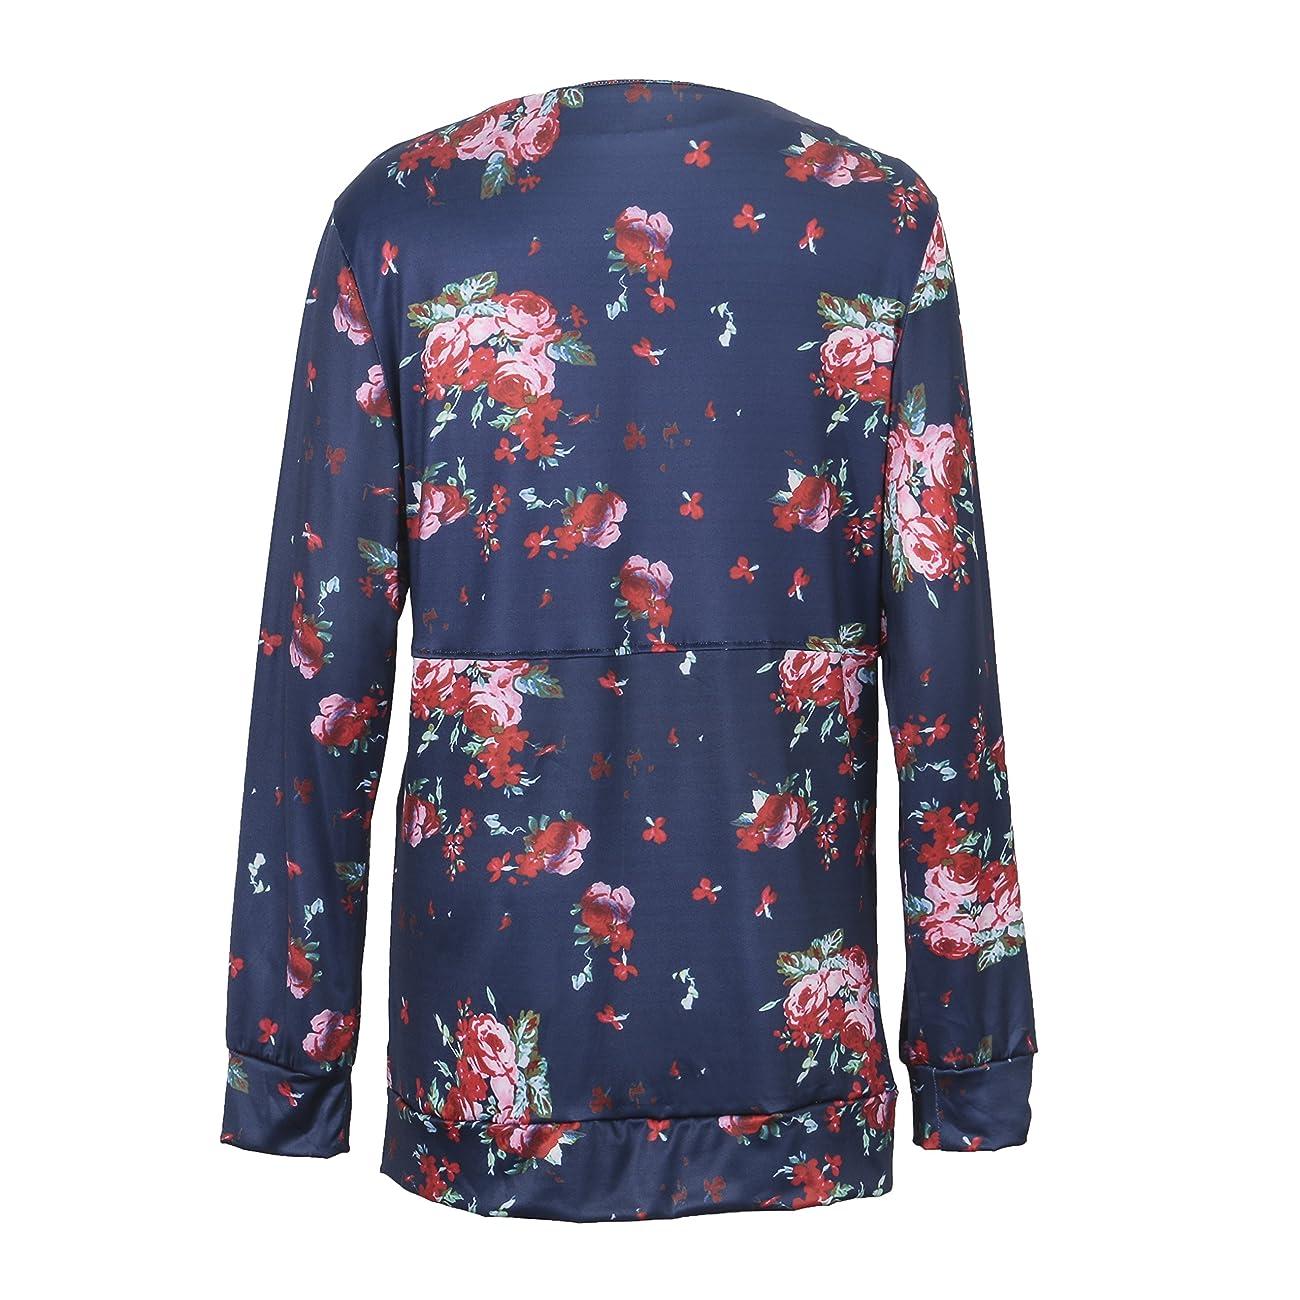 Walant Women Floral Long Sleeve Kimono Boyfriend Cardigans Coat Tops Outwear 3